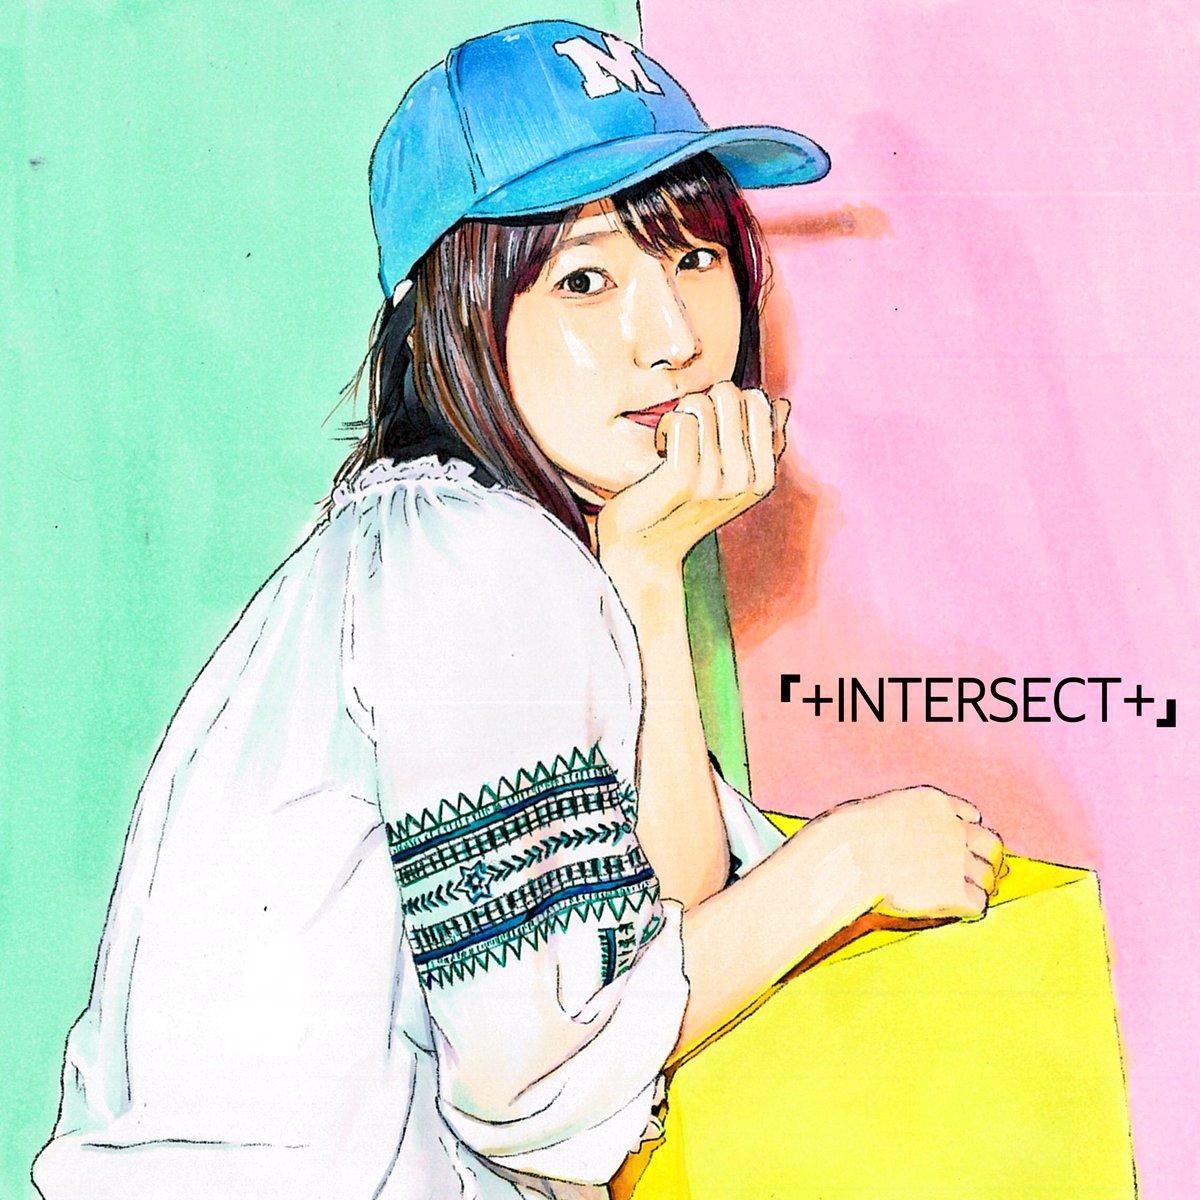 【内田真礼】5th Single『+INTERSECT+』リリース記念イラスト  #内田真礼